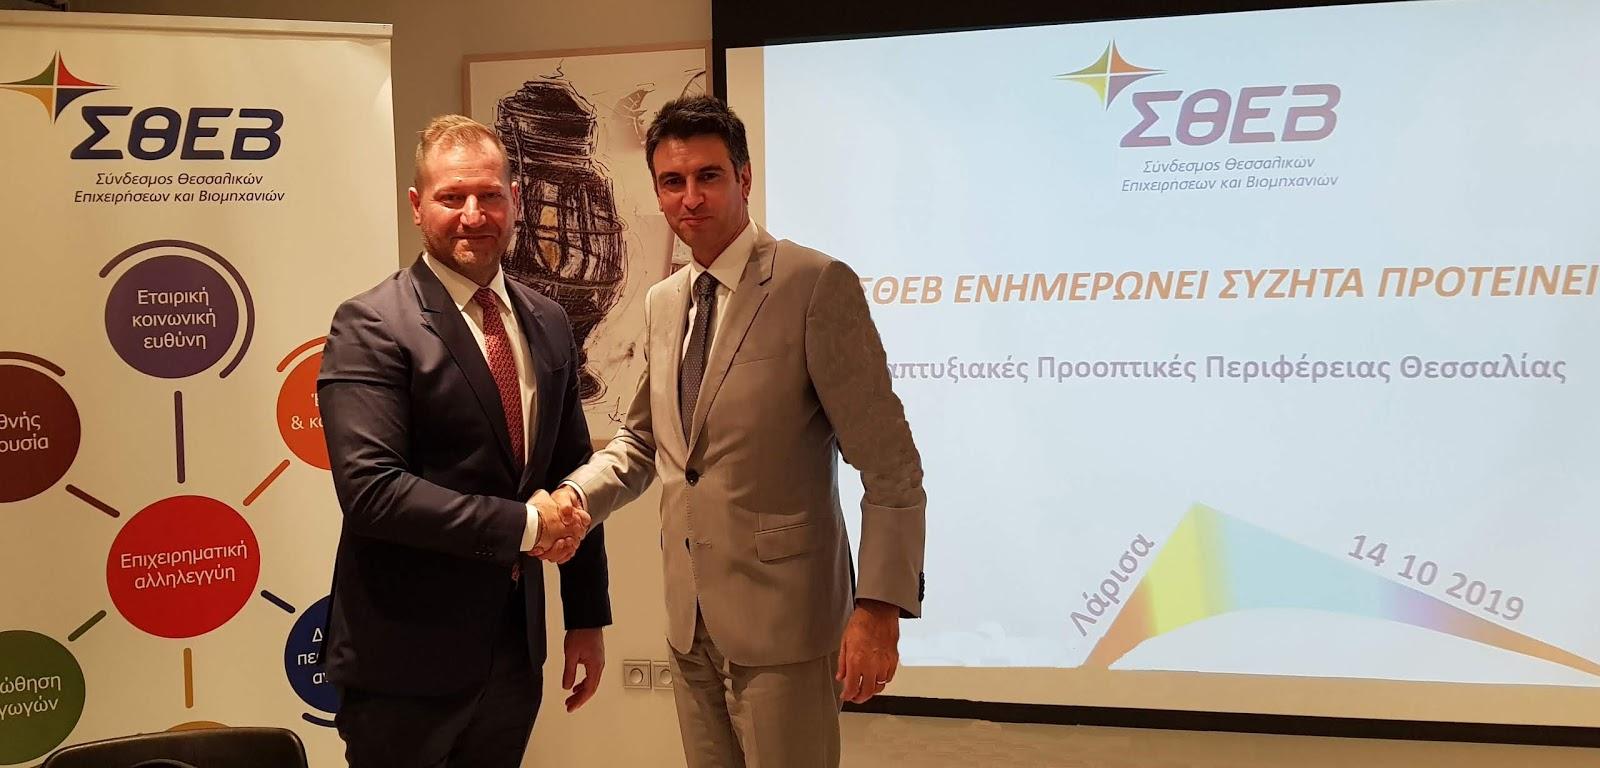 Η ανάπτυξη στρατηγικών επενδύσεων στη Θεσσαλία στο επίκεντρο συζήτησης στο Γενικό Συμβούλιο του ΣΘΕΒ